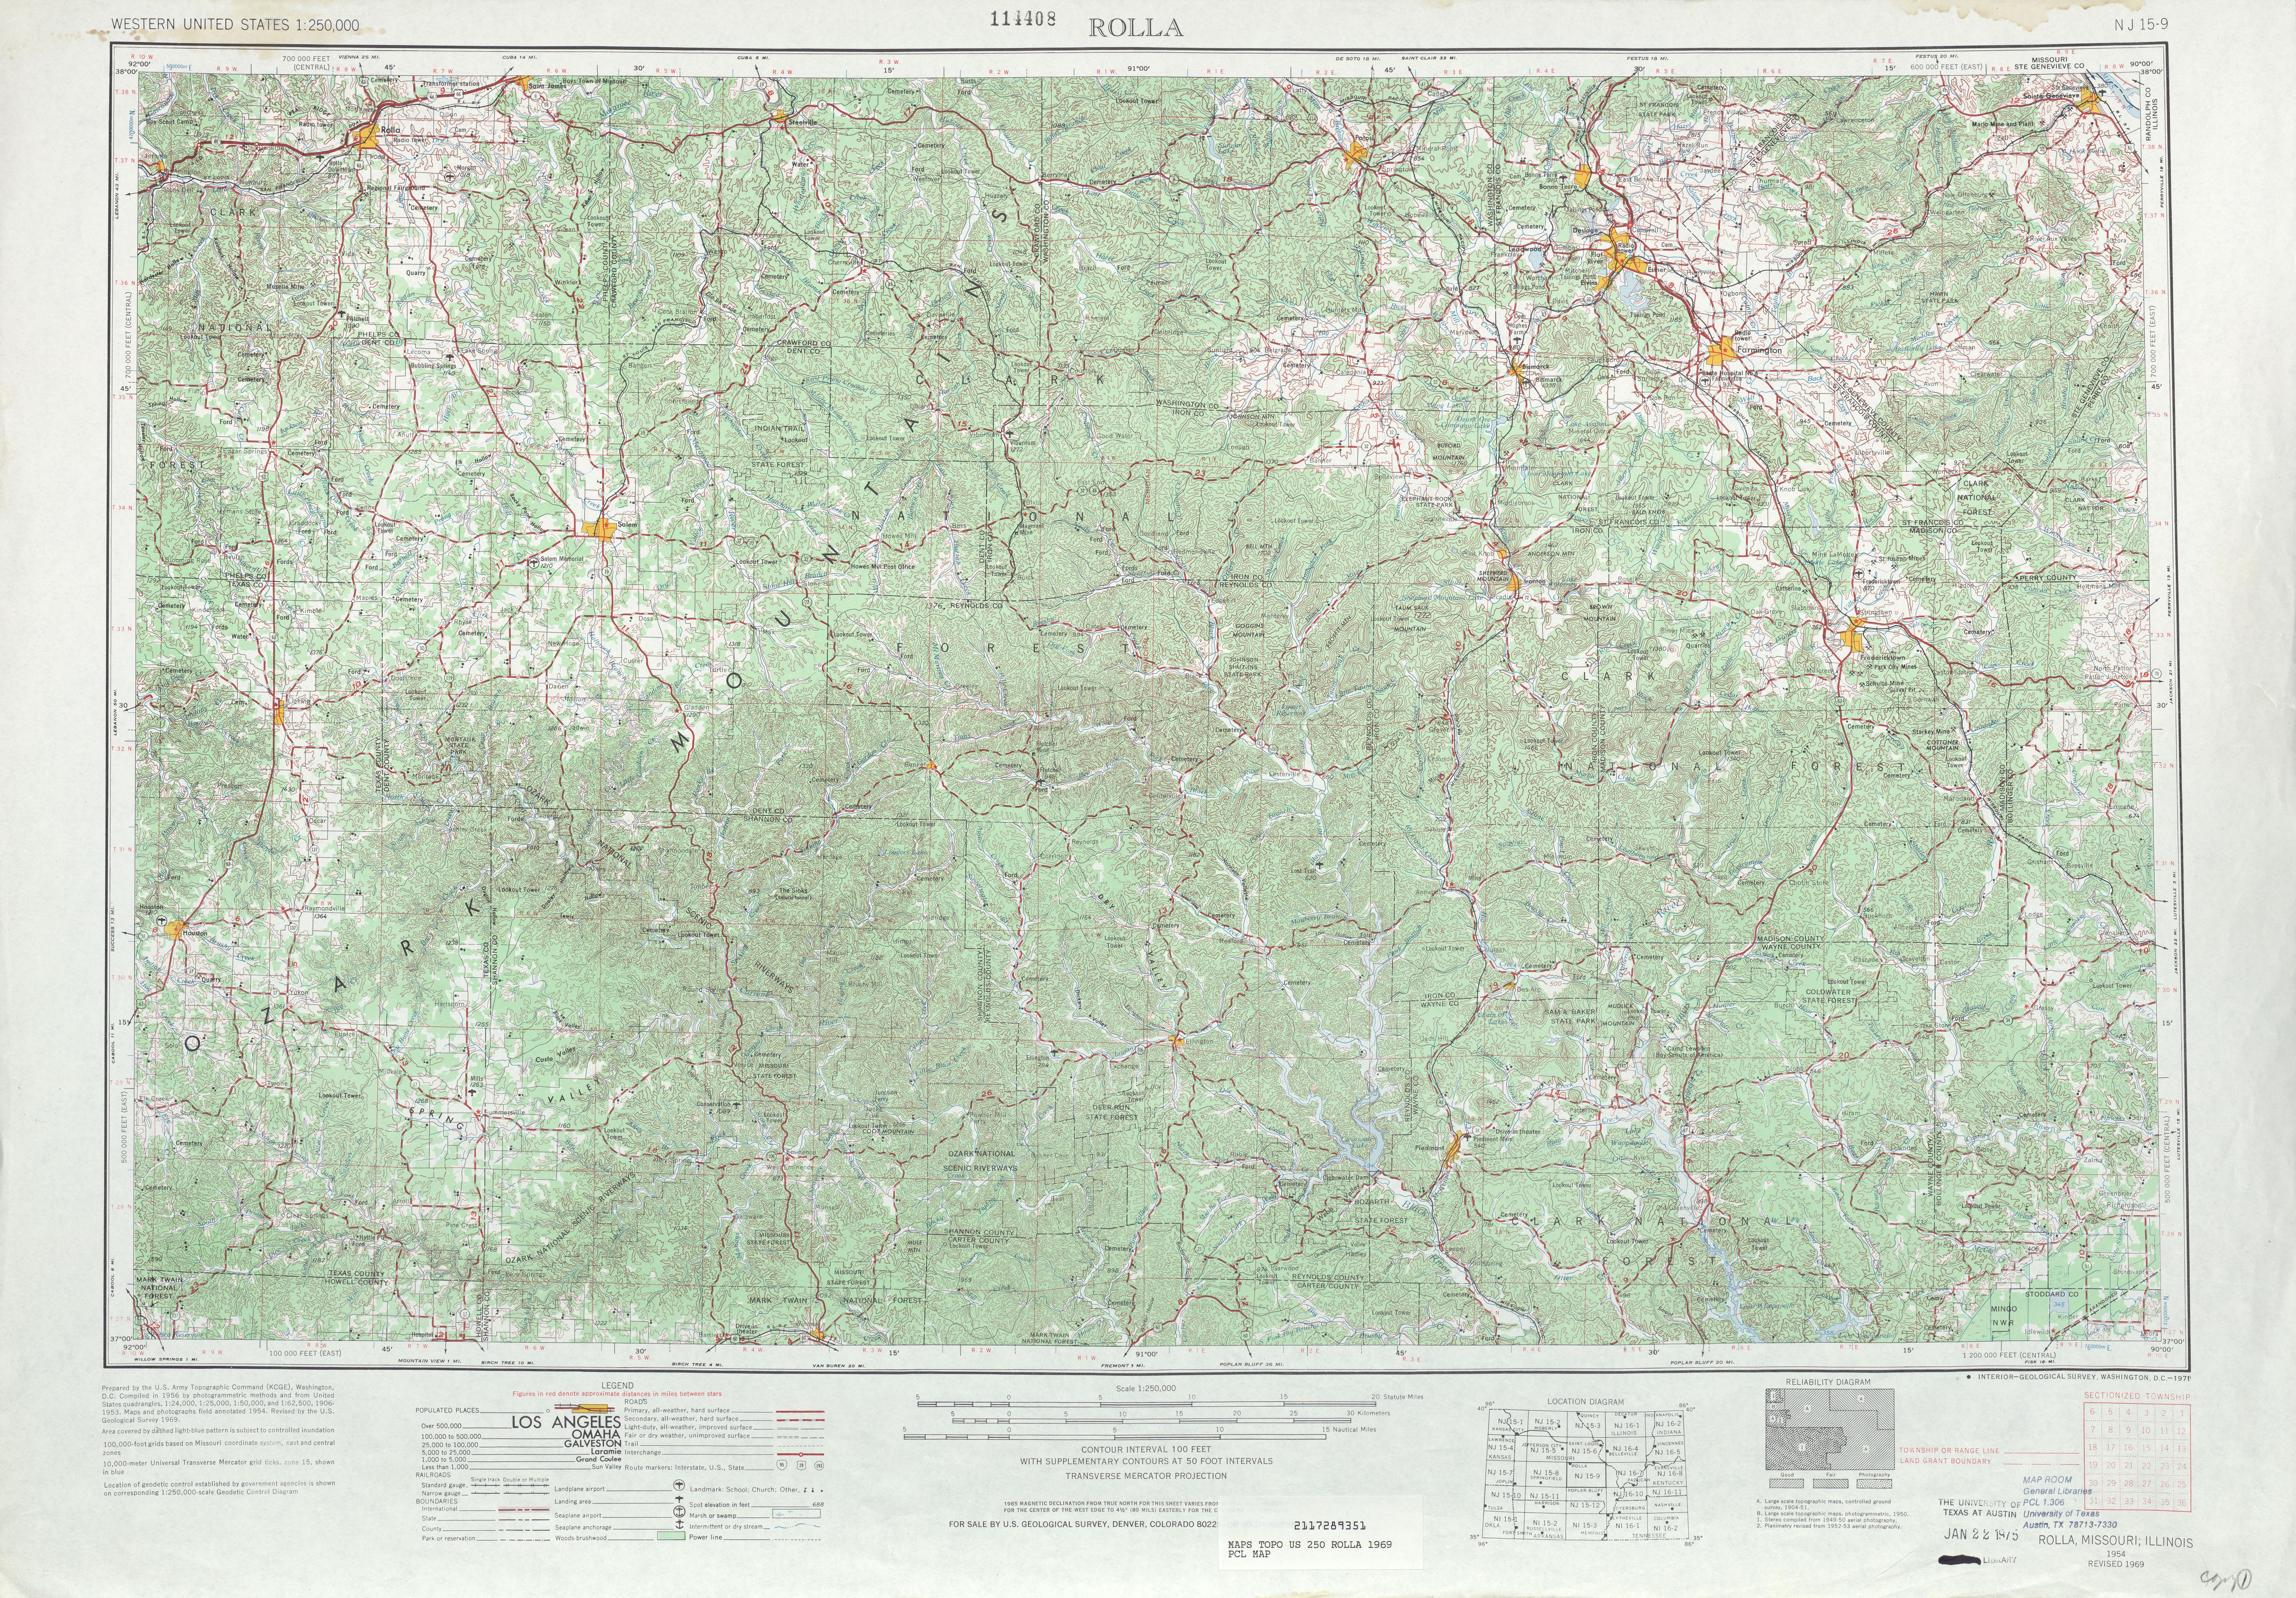 Hoja Rolla del Mapa Topográfico de los Estados Unidos 1969